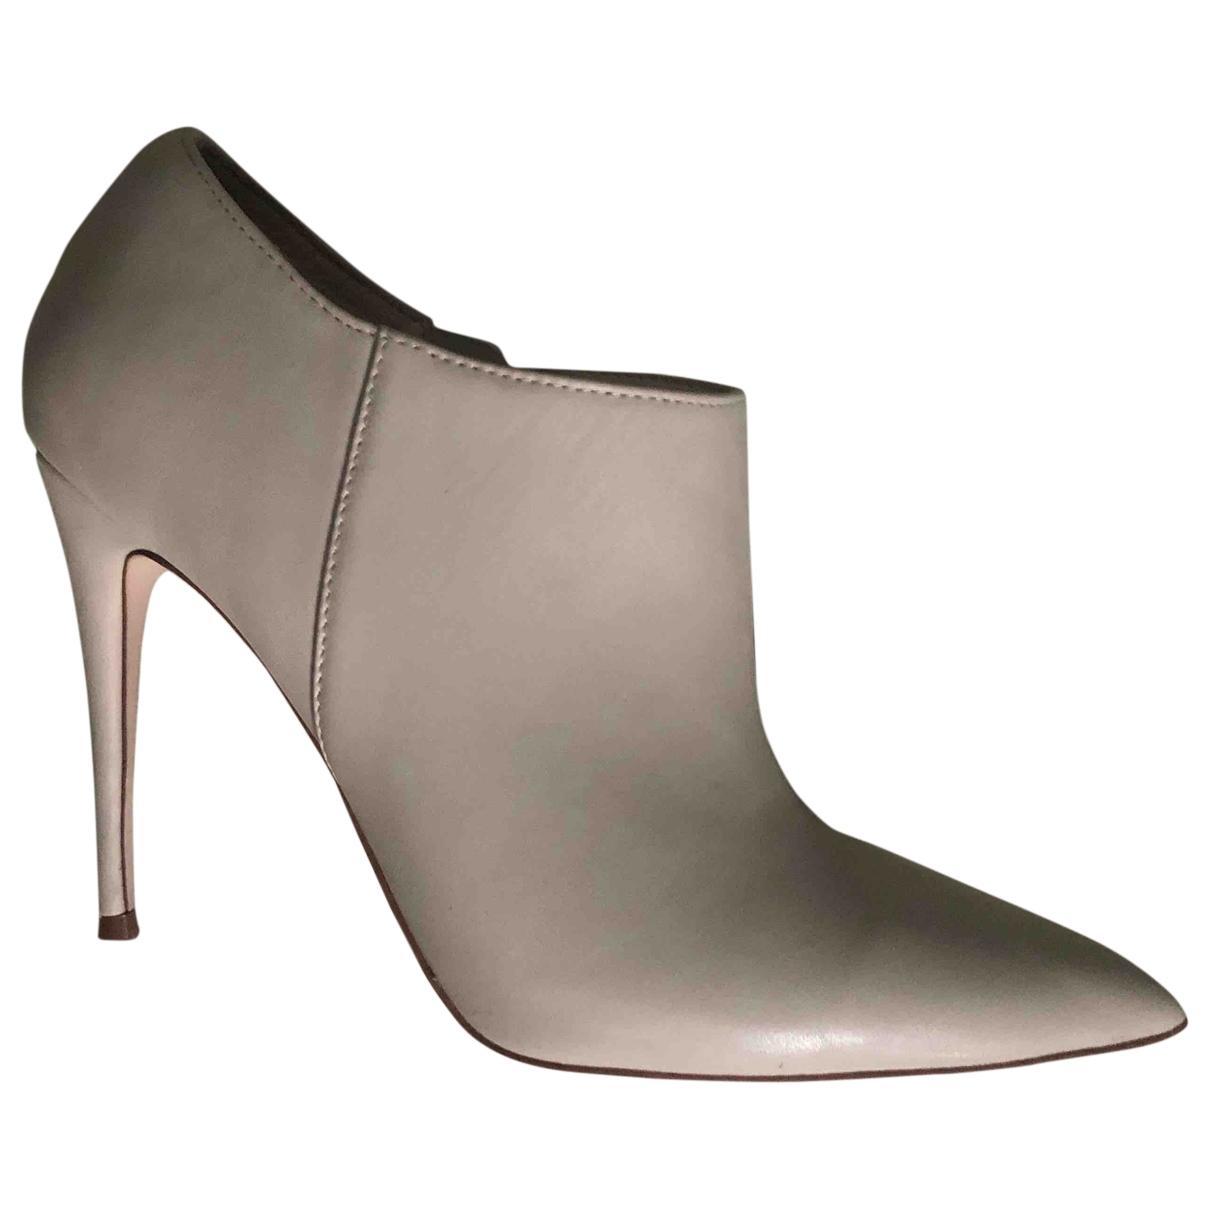 Kurt Geiger - Boots   pour femme en cuir - ecru